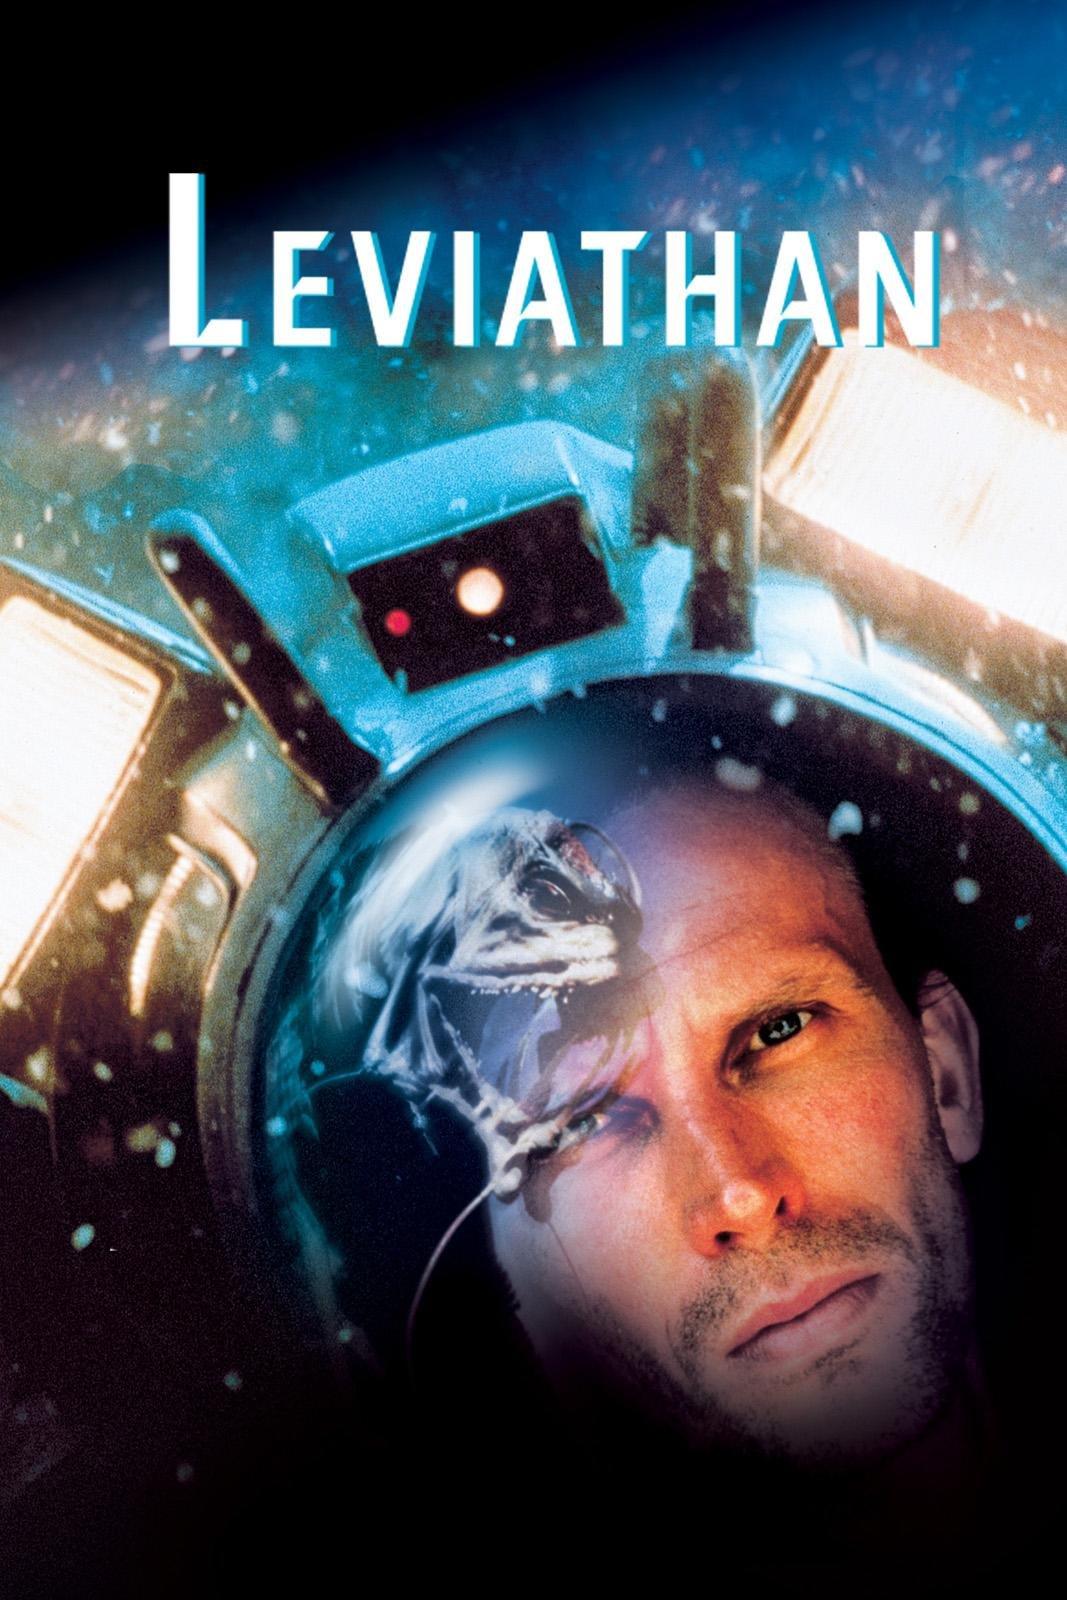 Leviathan (1989) starring Peter Weller, Ernie Hudson, Hector Elizondo, Richard Crenna